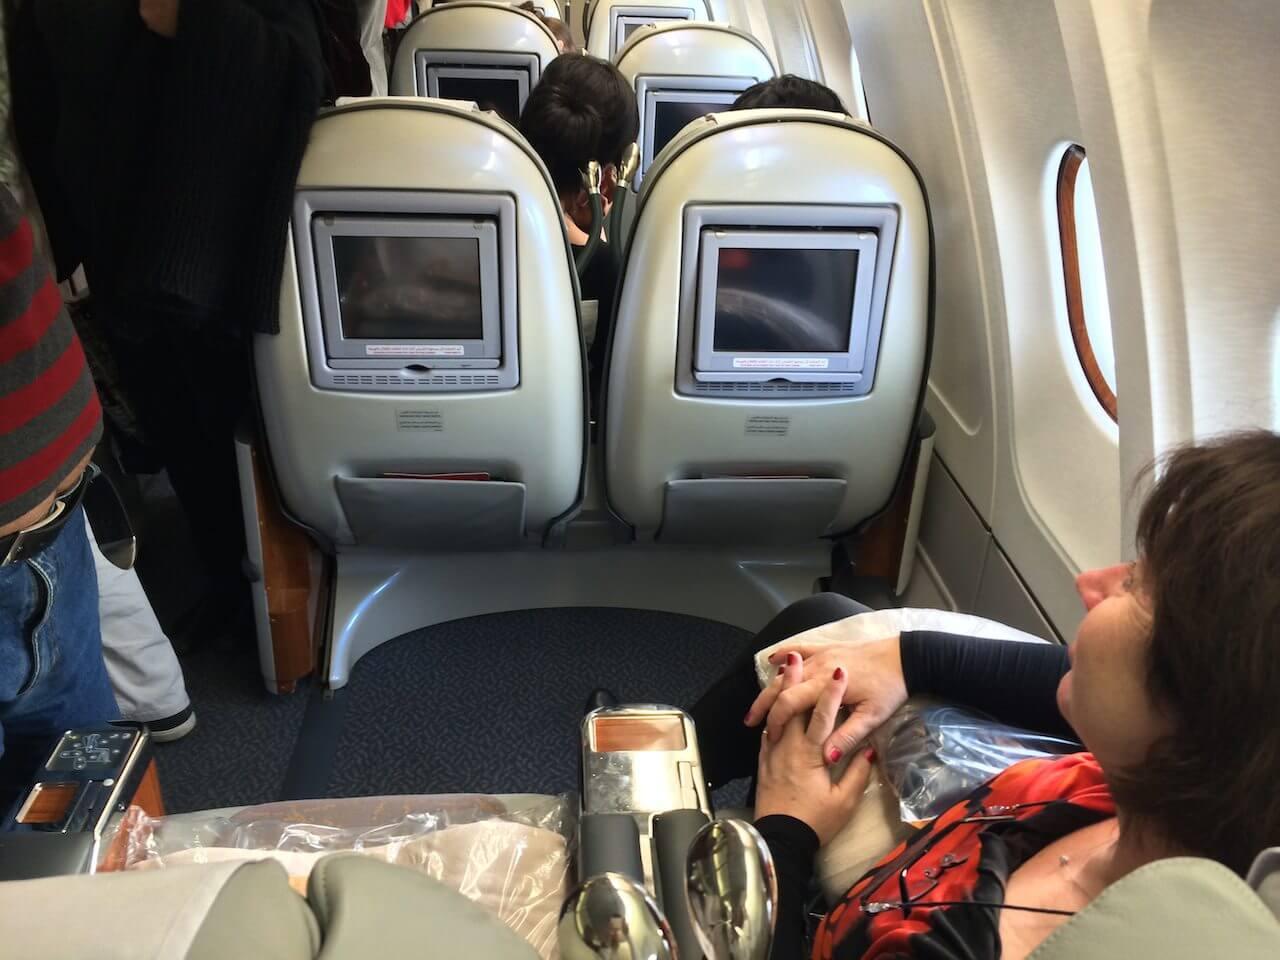 Jeszcze jedna fotka pokazująca ile miejsca ma pasażer w tej klasie.